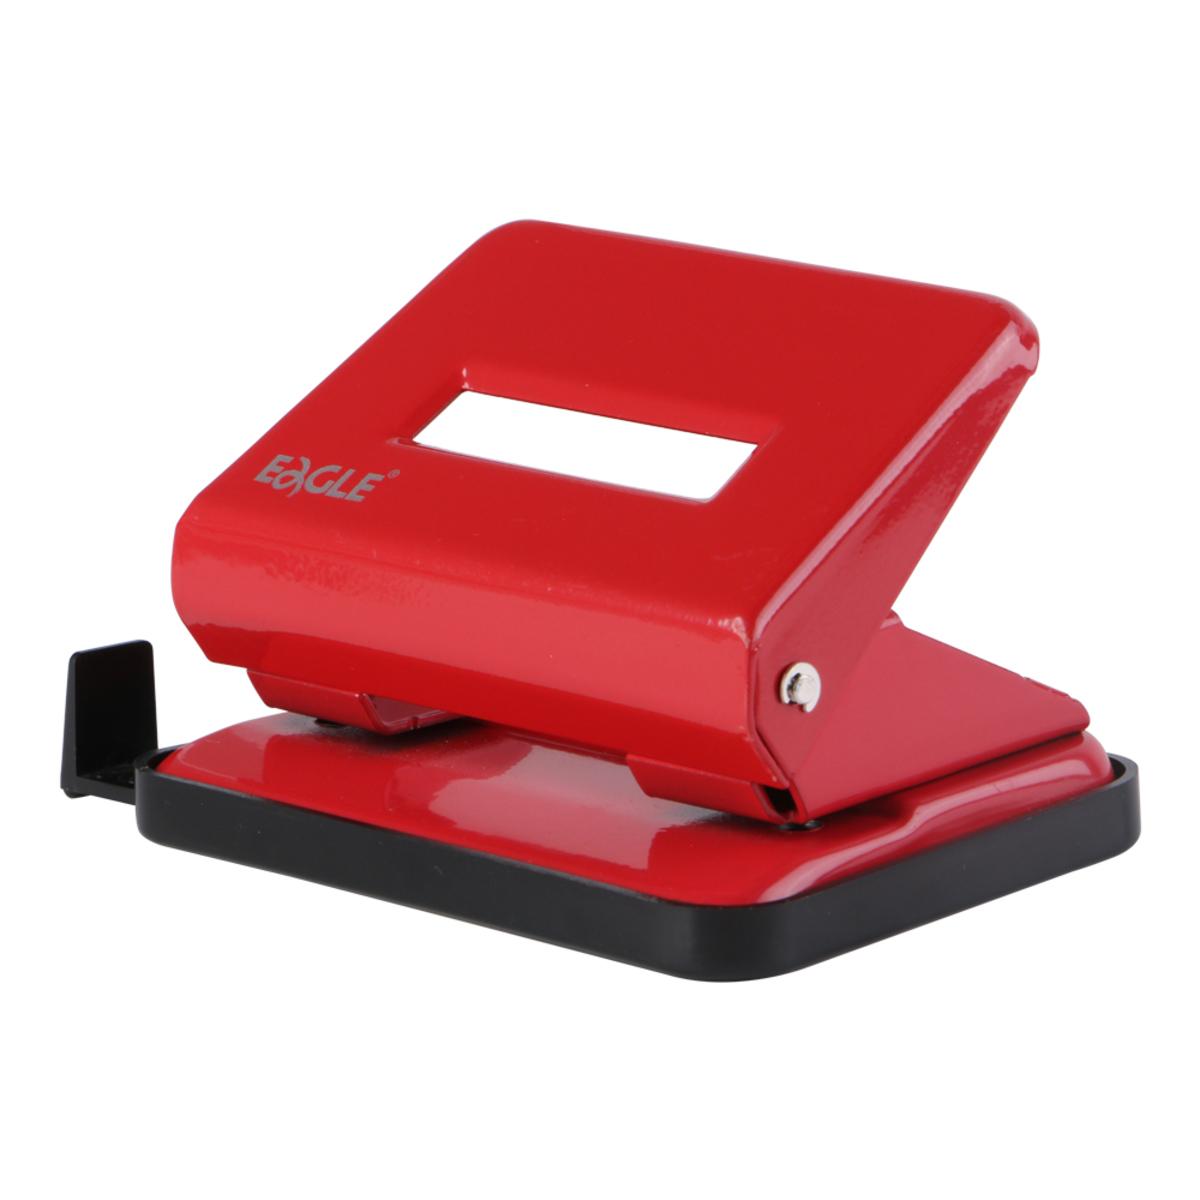 708 雙孔打孔機連尺 (紅色)